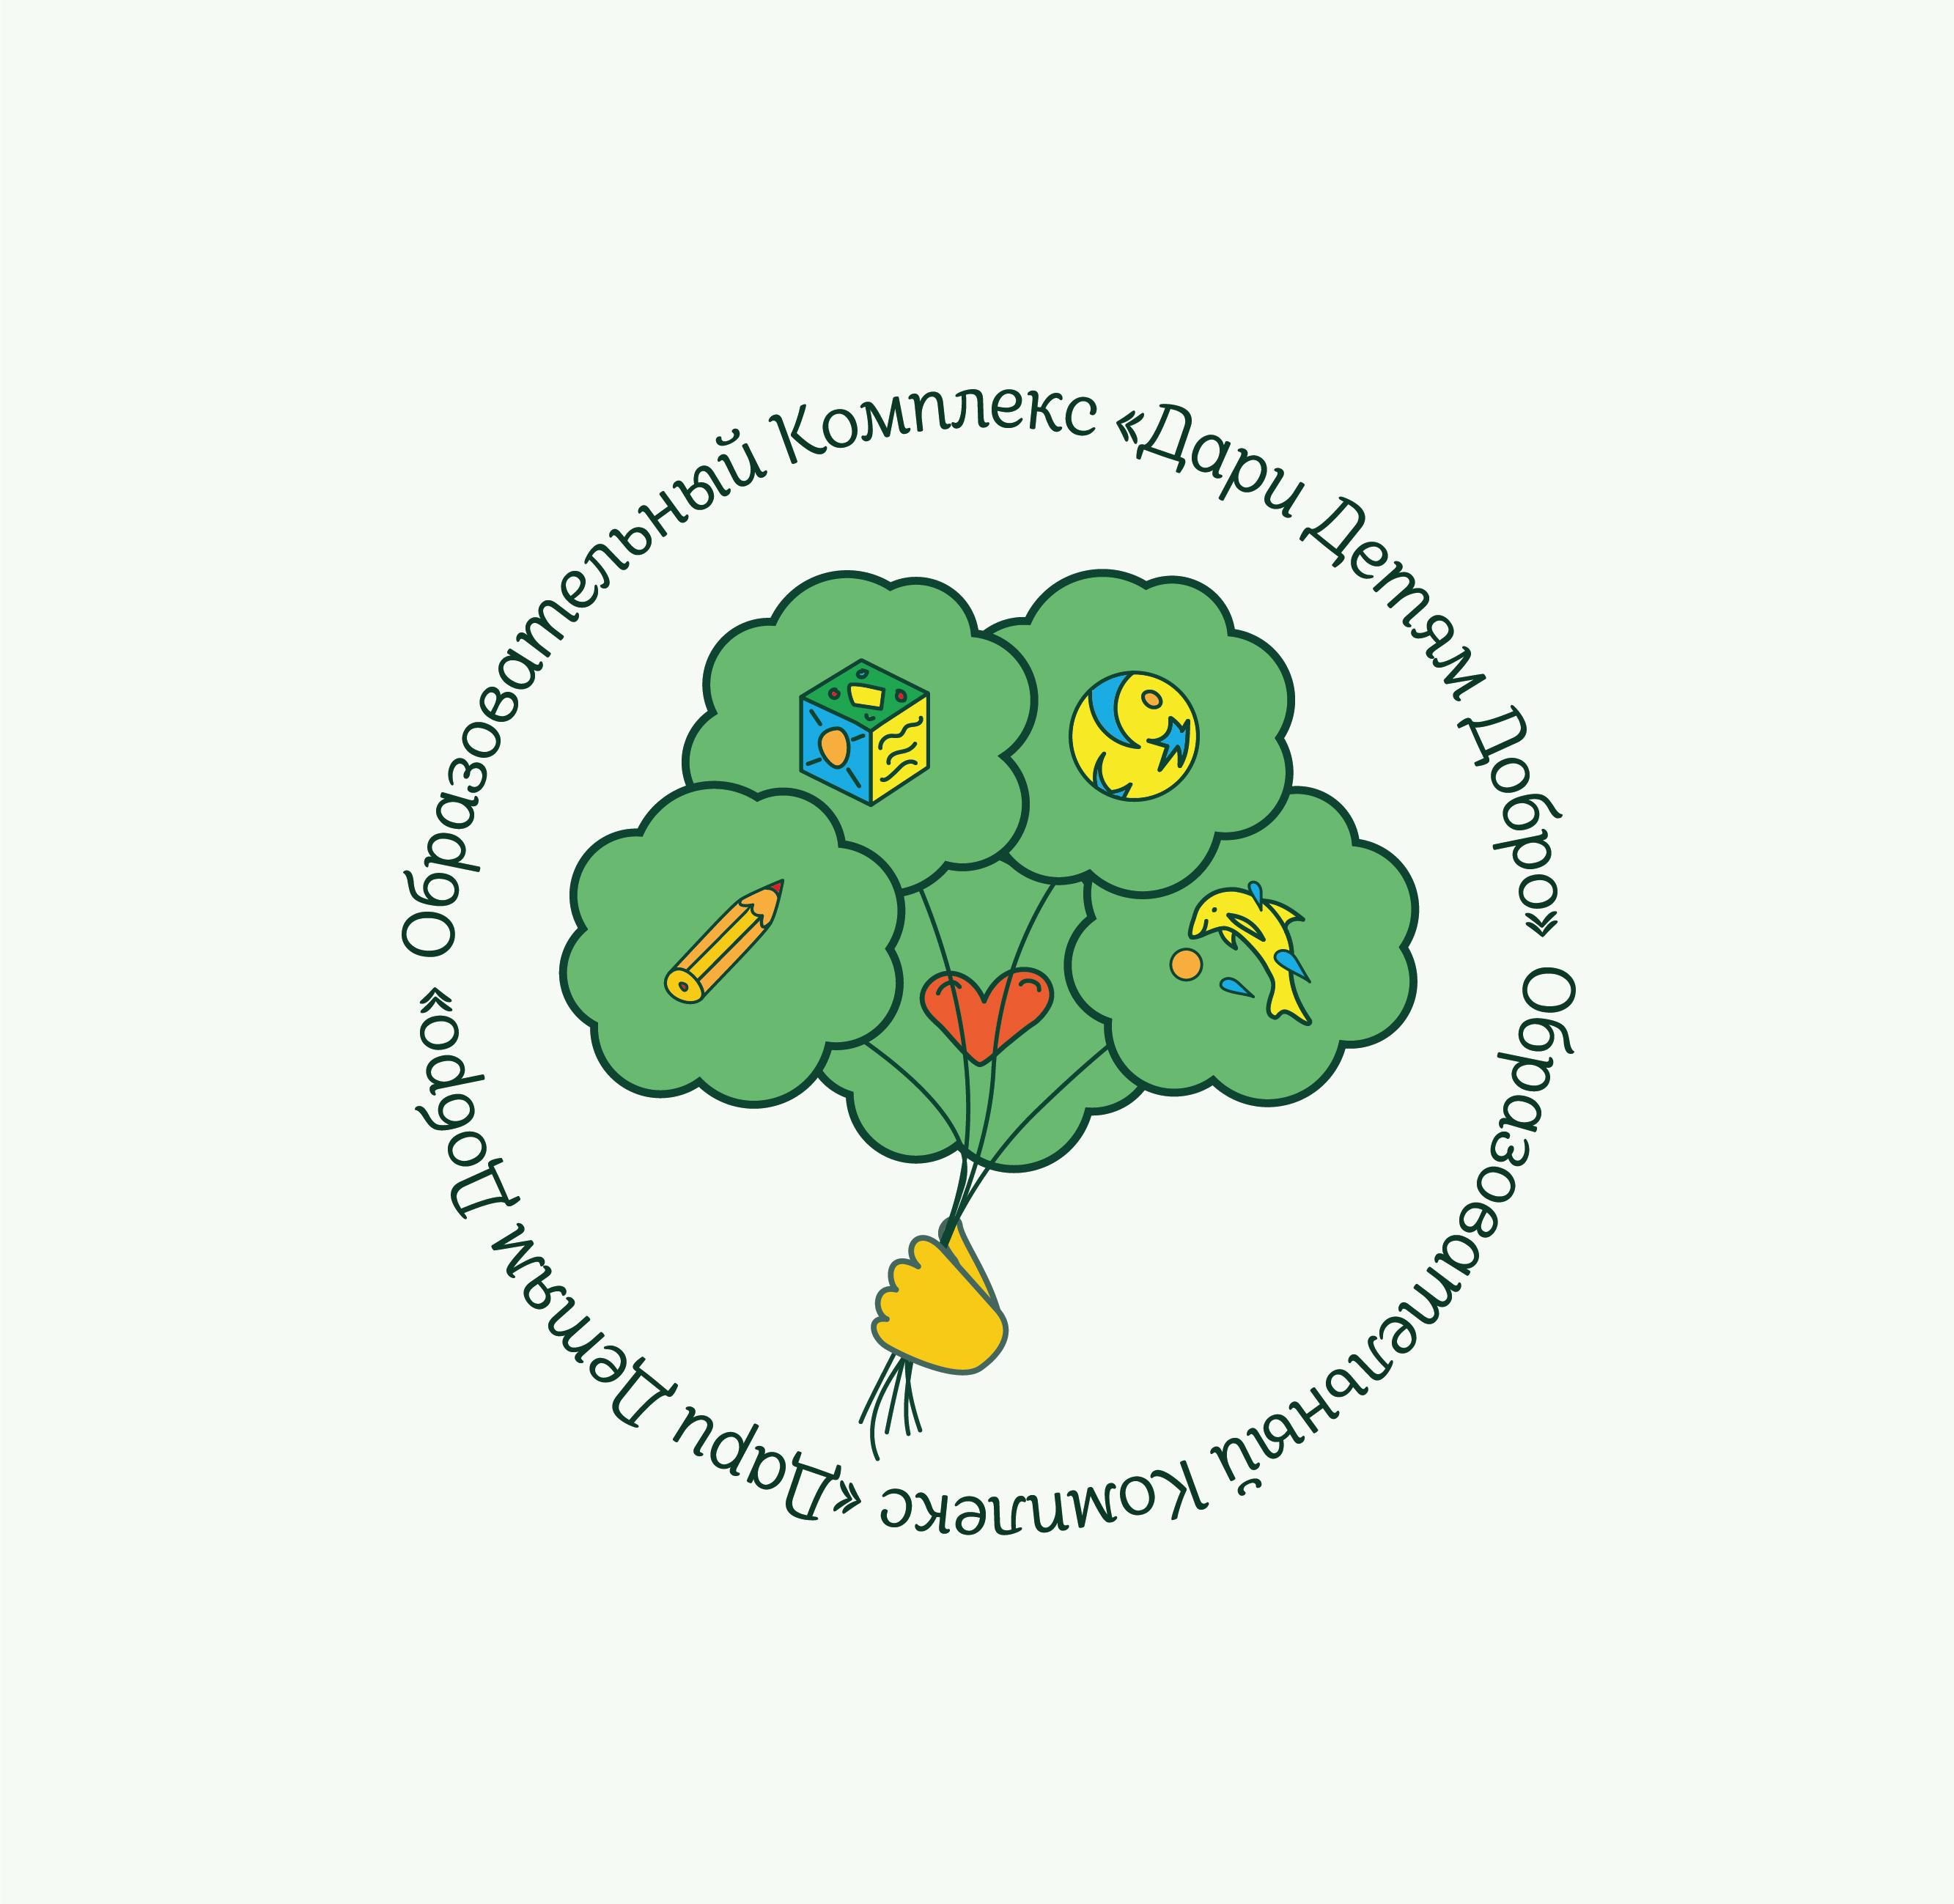 Логотип для образовательного комплекса фото f_1315c90040072164.jpg